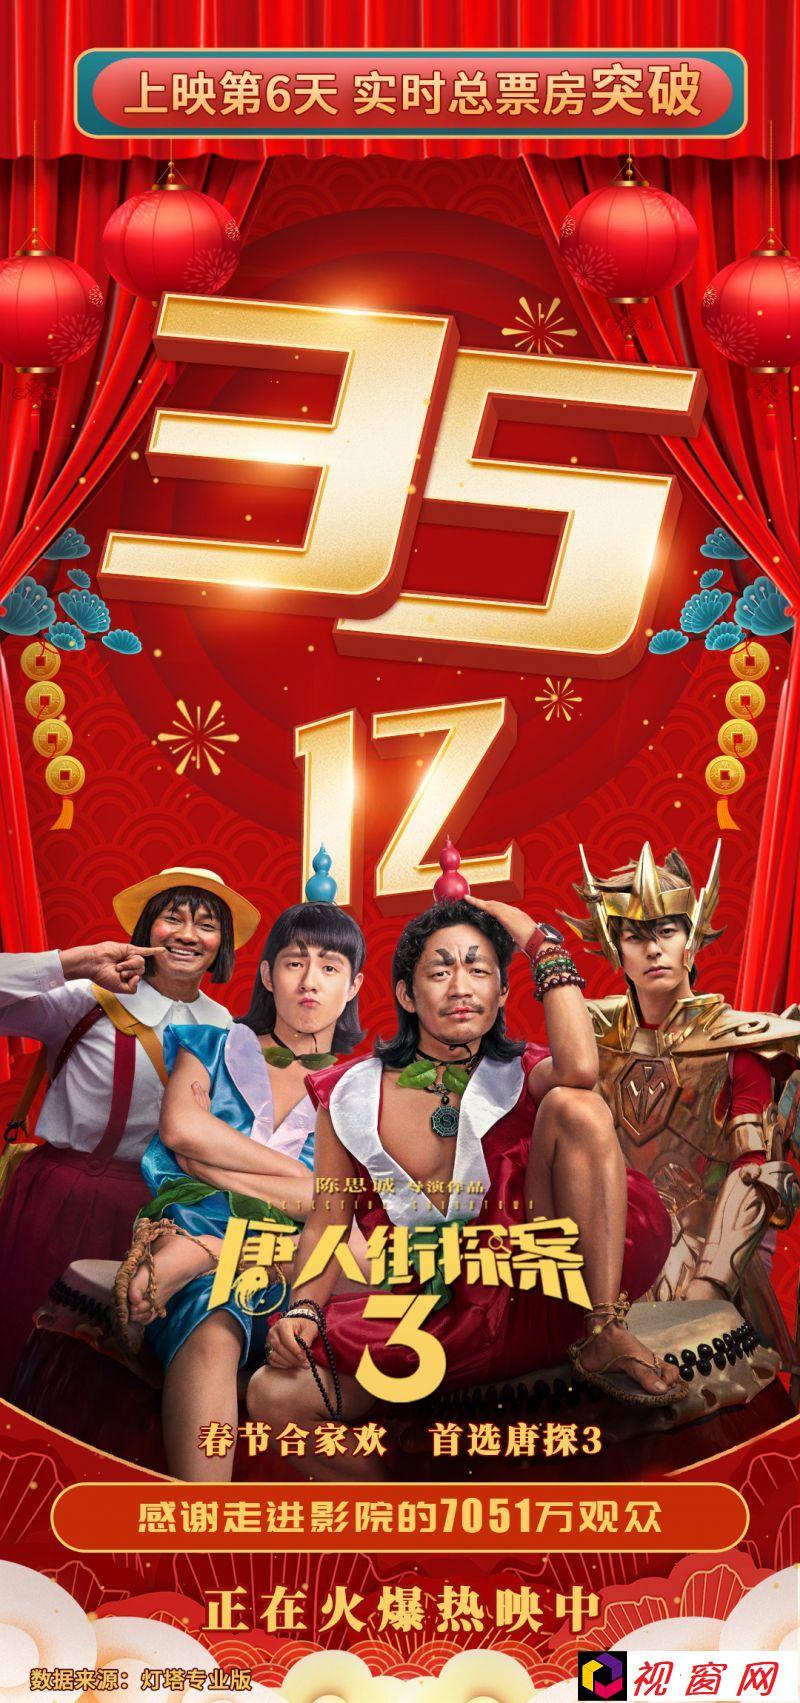 电影《唐人街探案3》票房破35亿,位列中国影史票房榜No.6,超越唐探2!